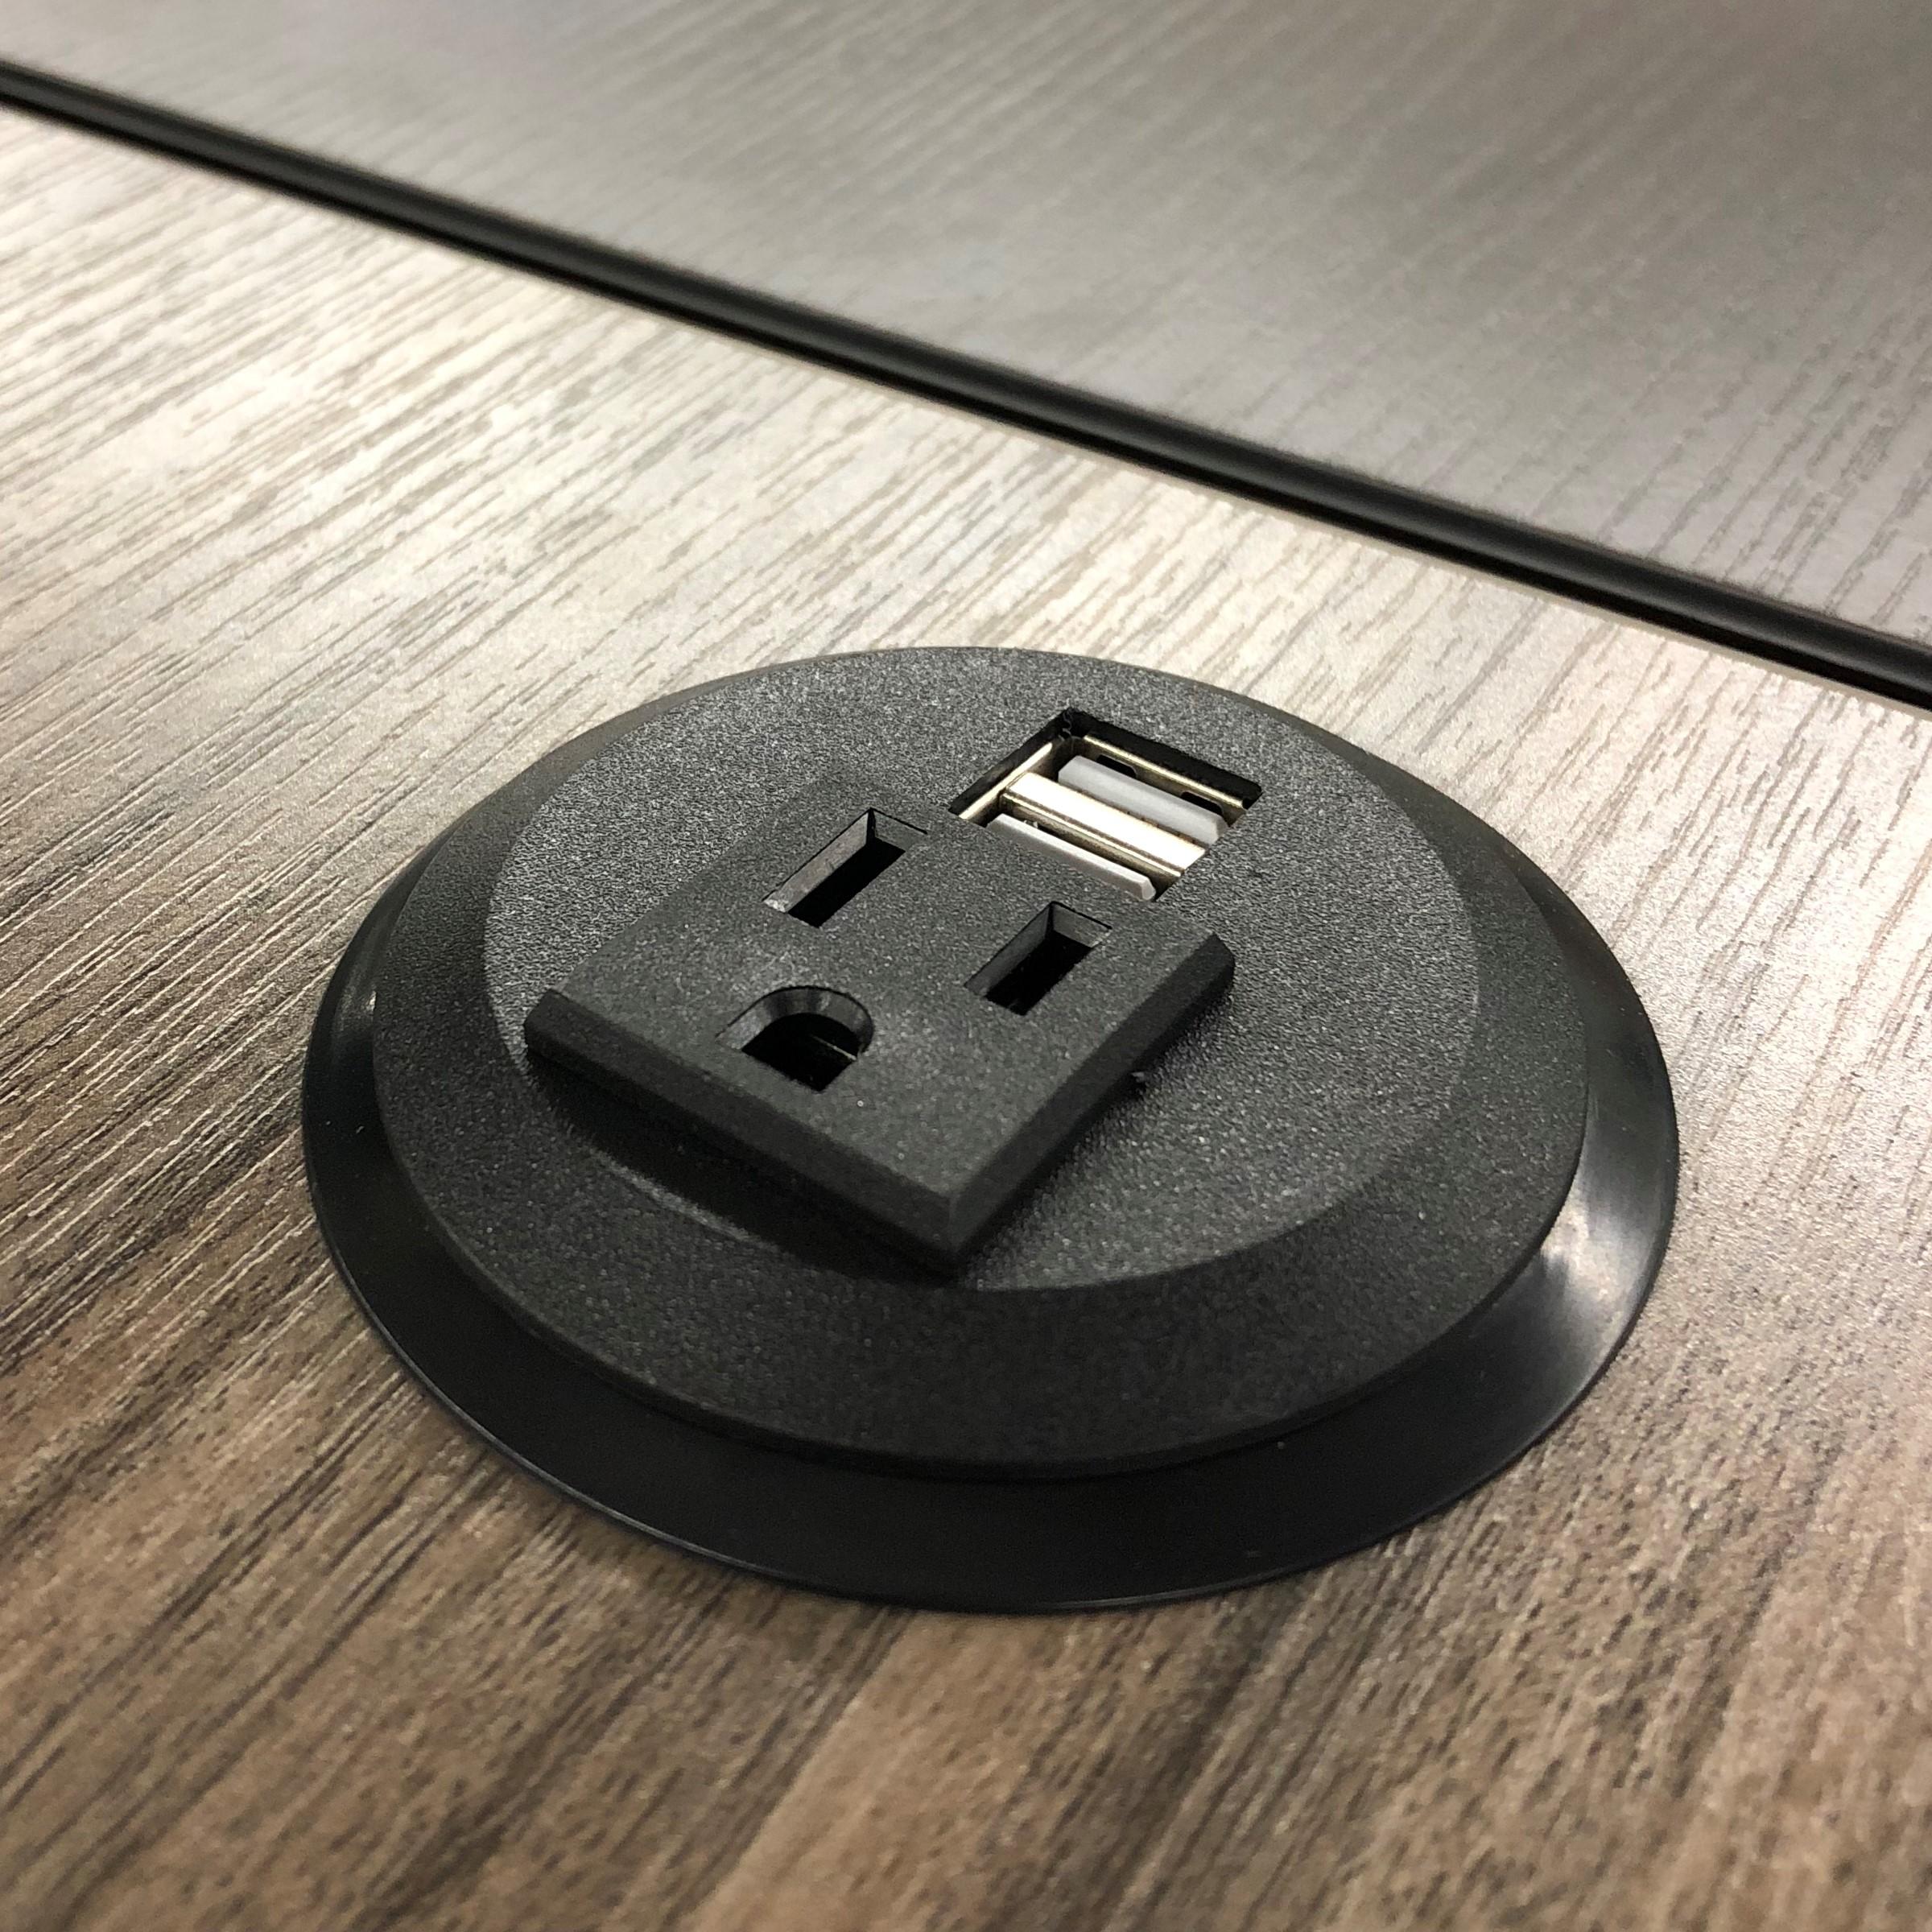 """Pwr Plug Power Grommet for Desk Office Furniture Fits 2""""-2.5"""" Standard Grommet Hole 1 AC Outlets 2 USB Charging Ports ETL Listed (Black)"""